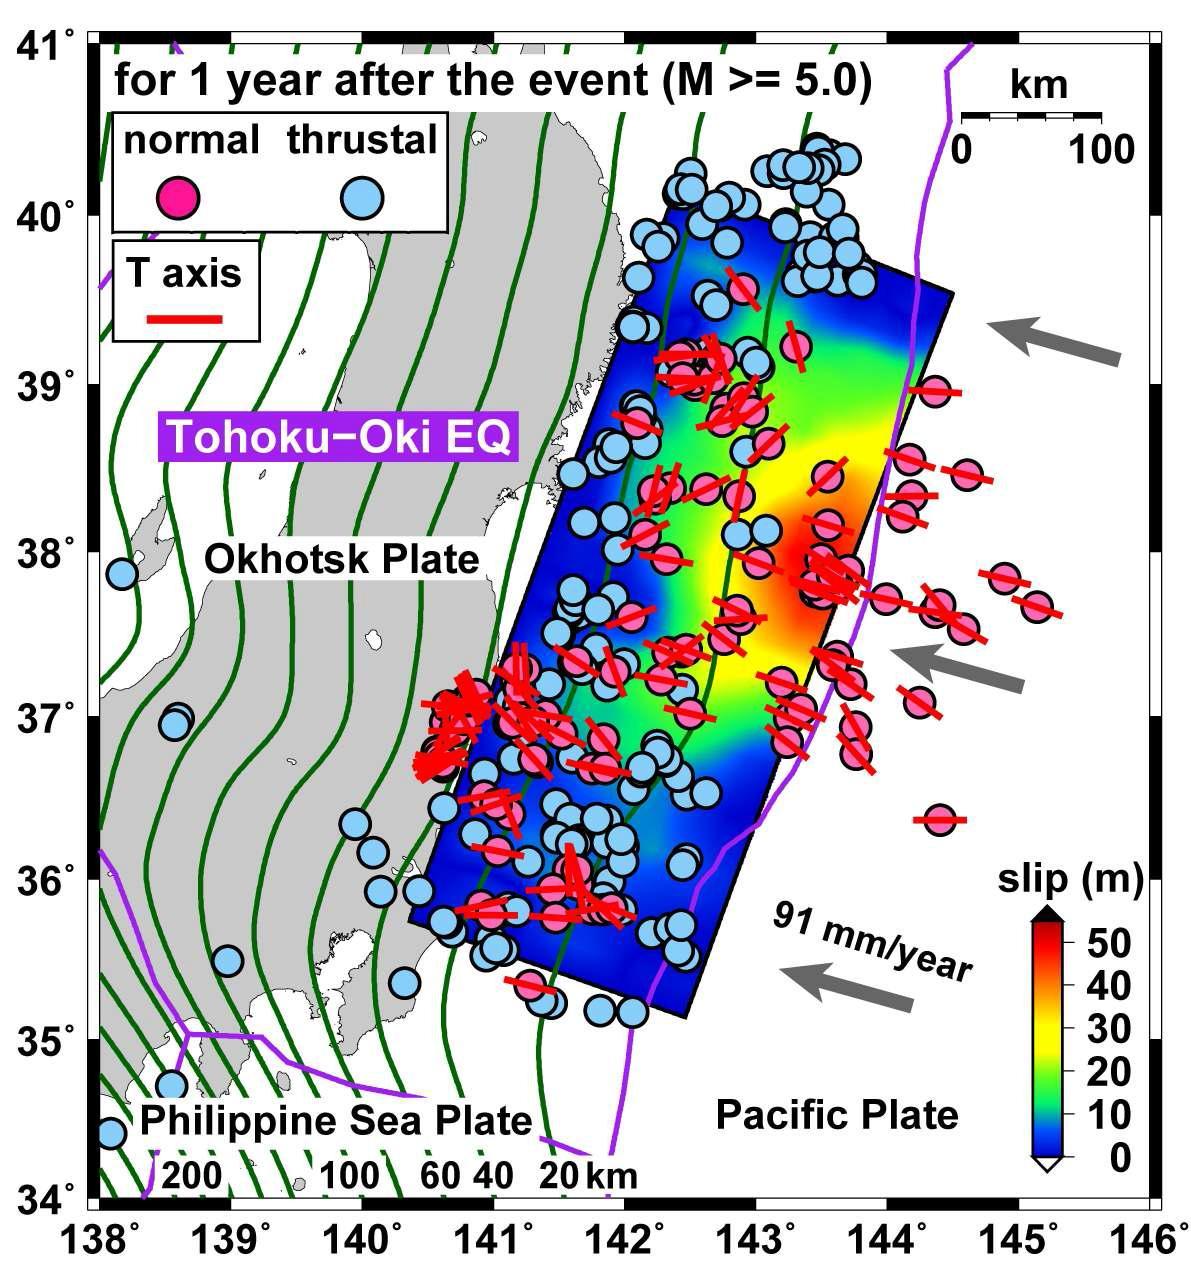 2011년 3월 11일에 발생한 규모 9.0의 동일본 대지진 이후 발생한 지진 활동도. 슬립 모델 (Y agi and Fukahata, 2011)과 판의 이동 속도 (Seno and Sakurai, 1996; Ide, 2013)는 지도위에 표현되었다. 판 경계와 깊이 별 등고선은 슬랩의 위치에 따라 굵은 선으로 표현되었다 (Bird, 2003; Hayes et al., 2012). 1년 동안 발생한 규 모 5 이상의 여진이 표현되었다. 장력 축 방향 (red bars)은 정단층 지진의 위치에 표시되었다.